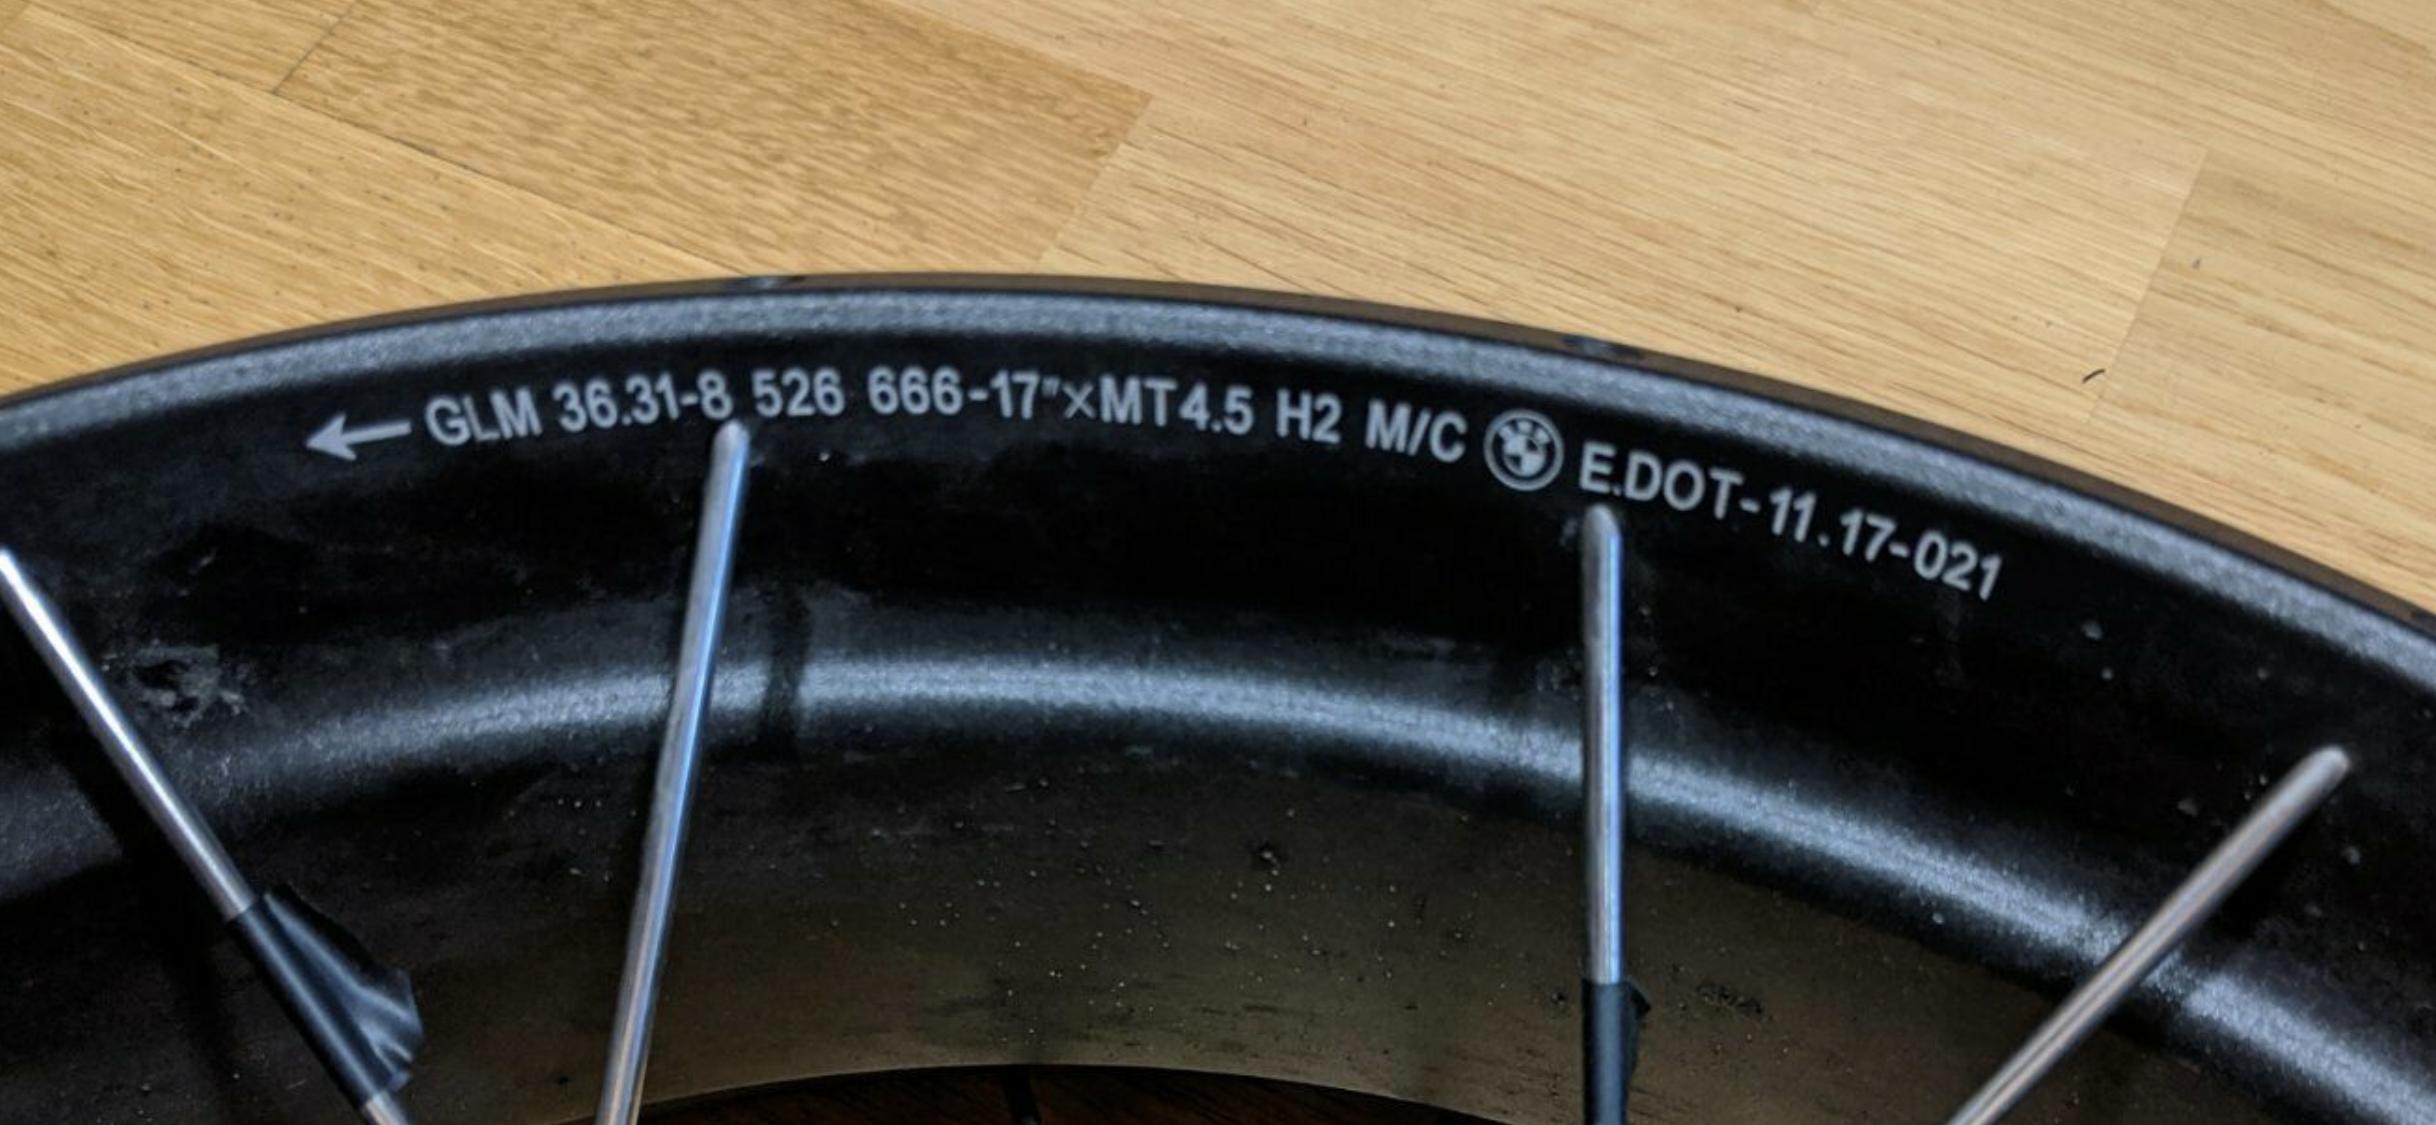 56BCBFB3-FB5C-4FC7-989C-897980CAEF87.png